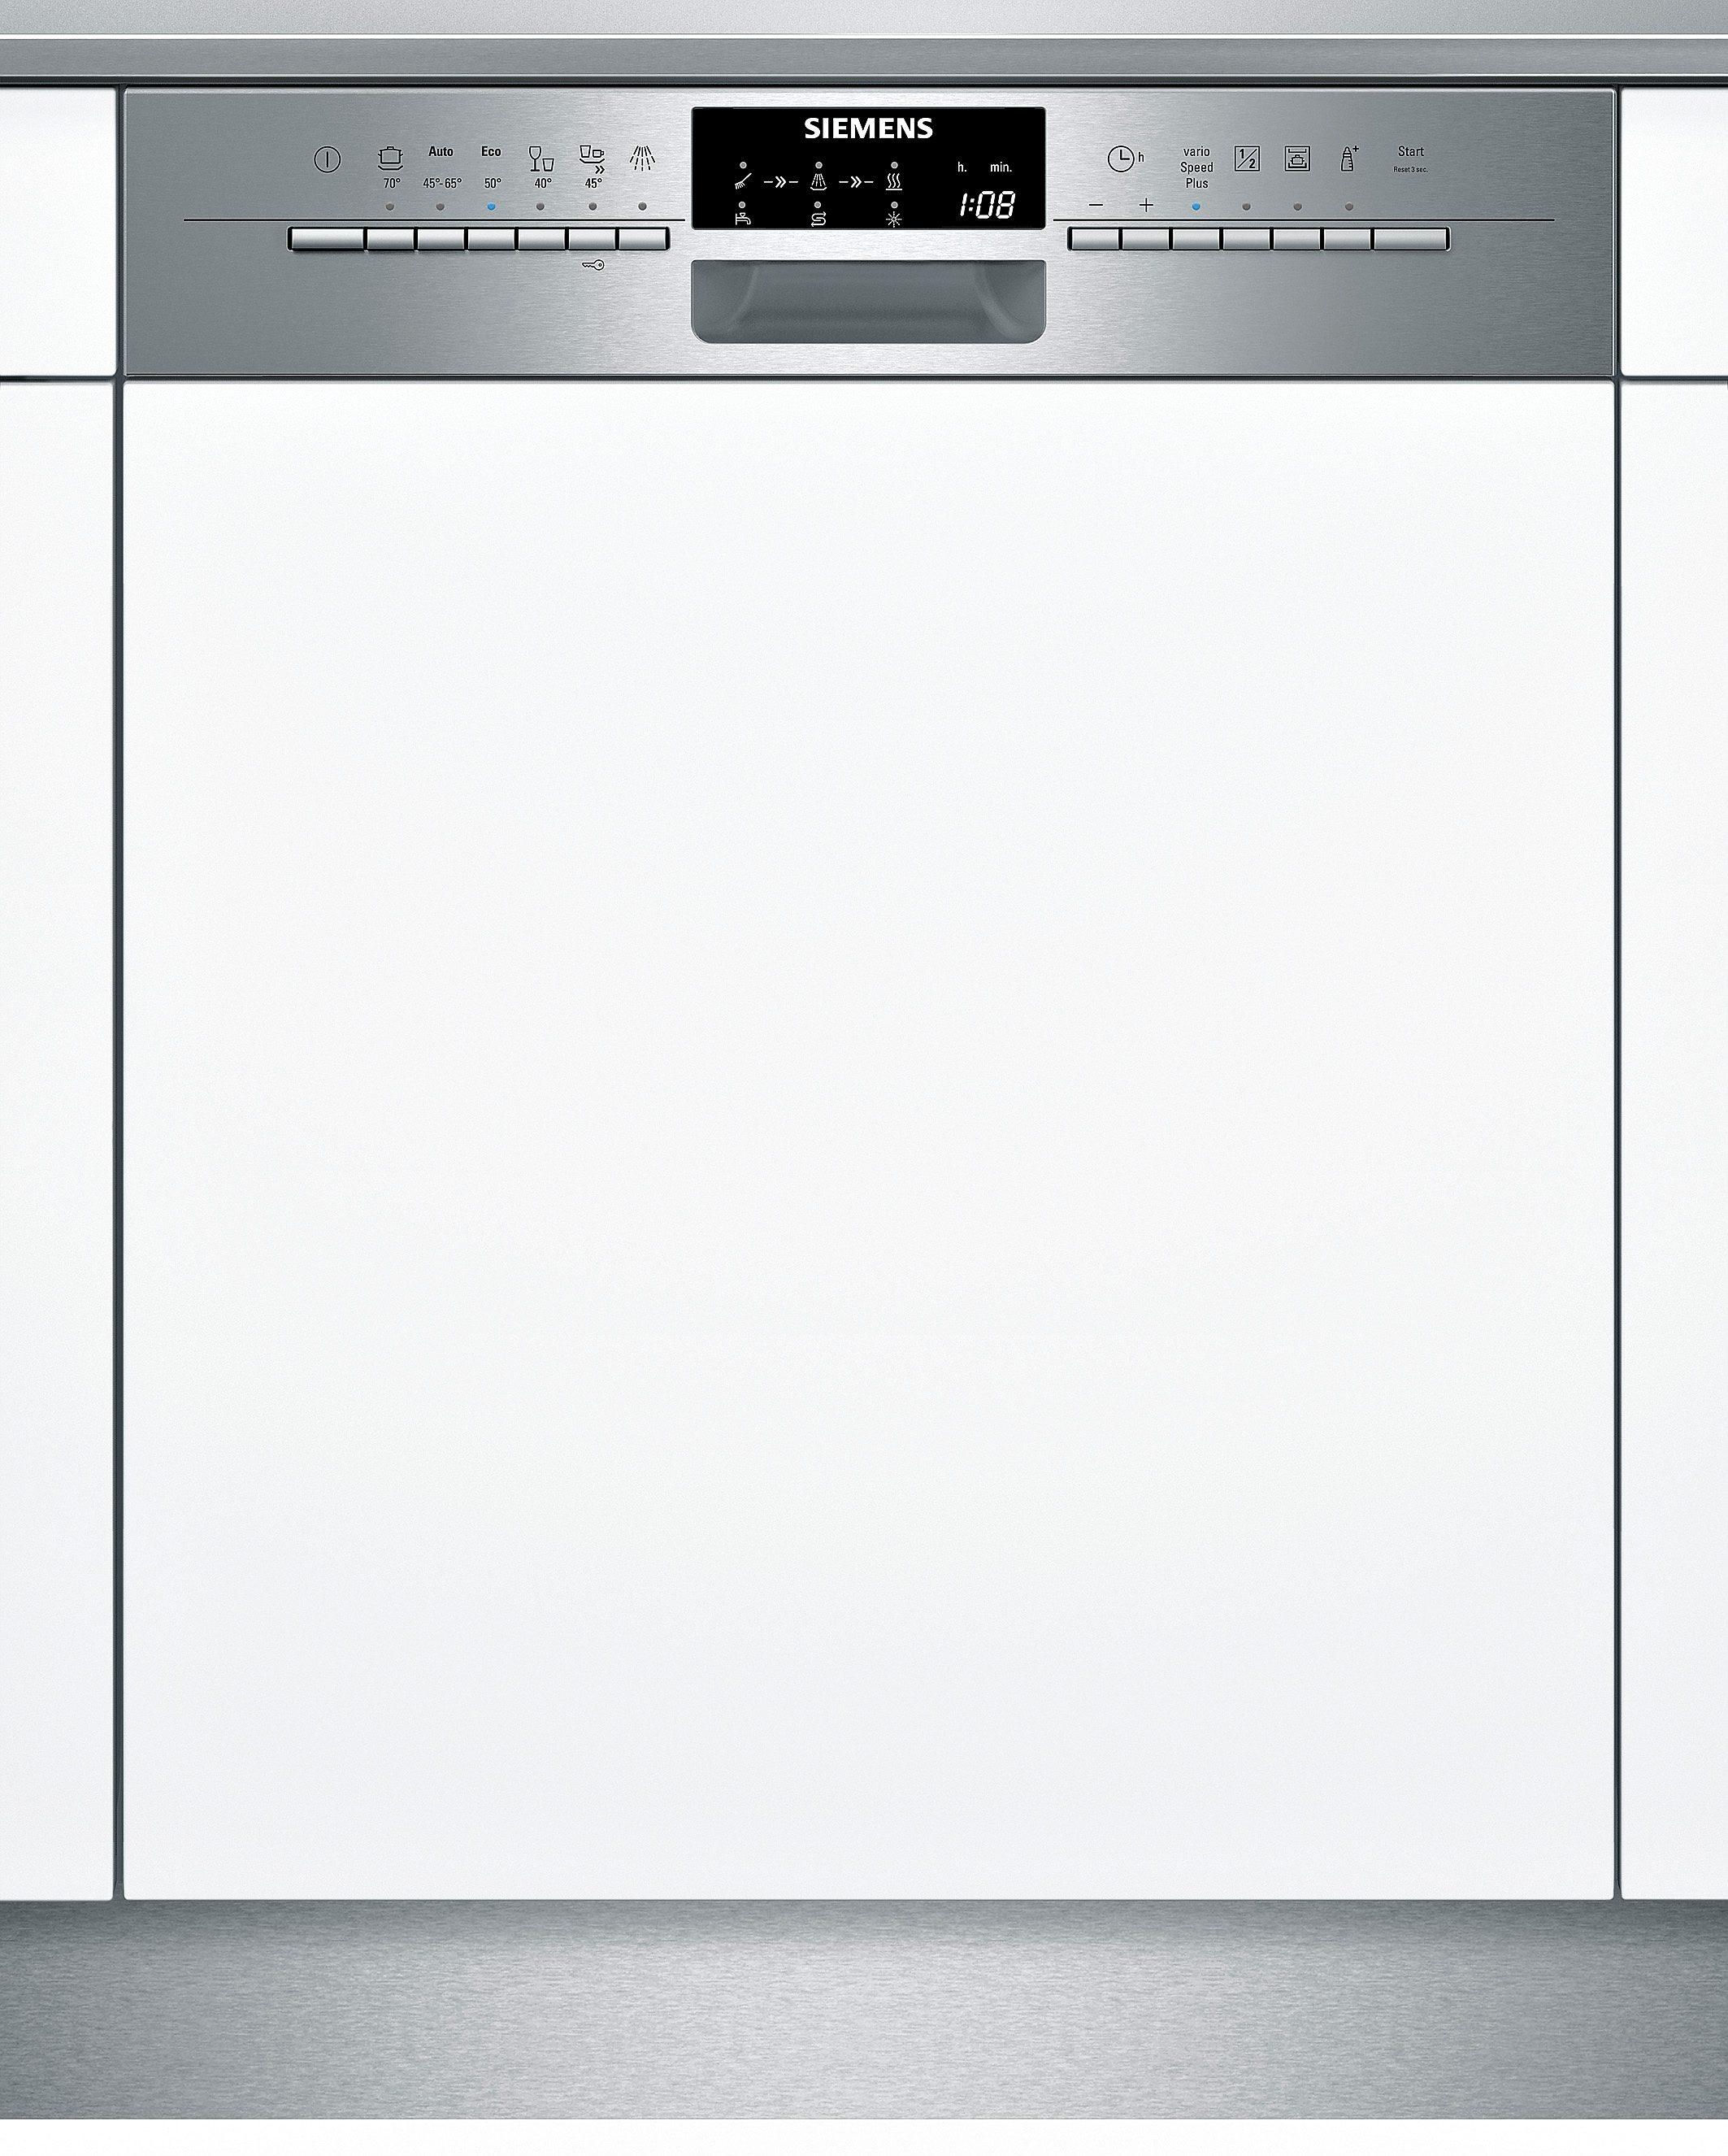 Siemens integrierbarer Einbau-Geschirrspüler SN56P591EU, Energieklasse A++, 9,5 Liter, 14 Maßgedecke